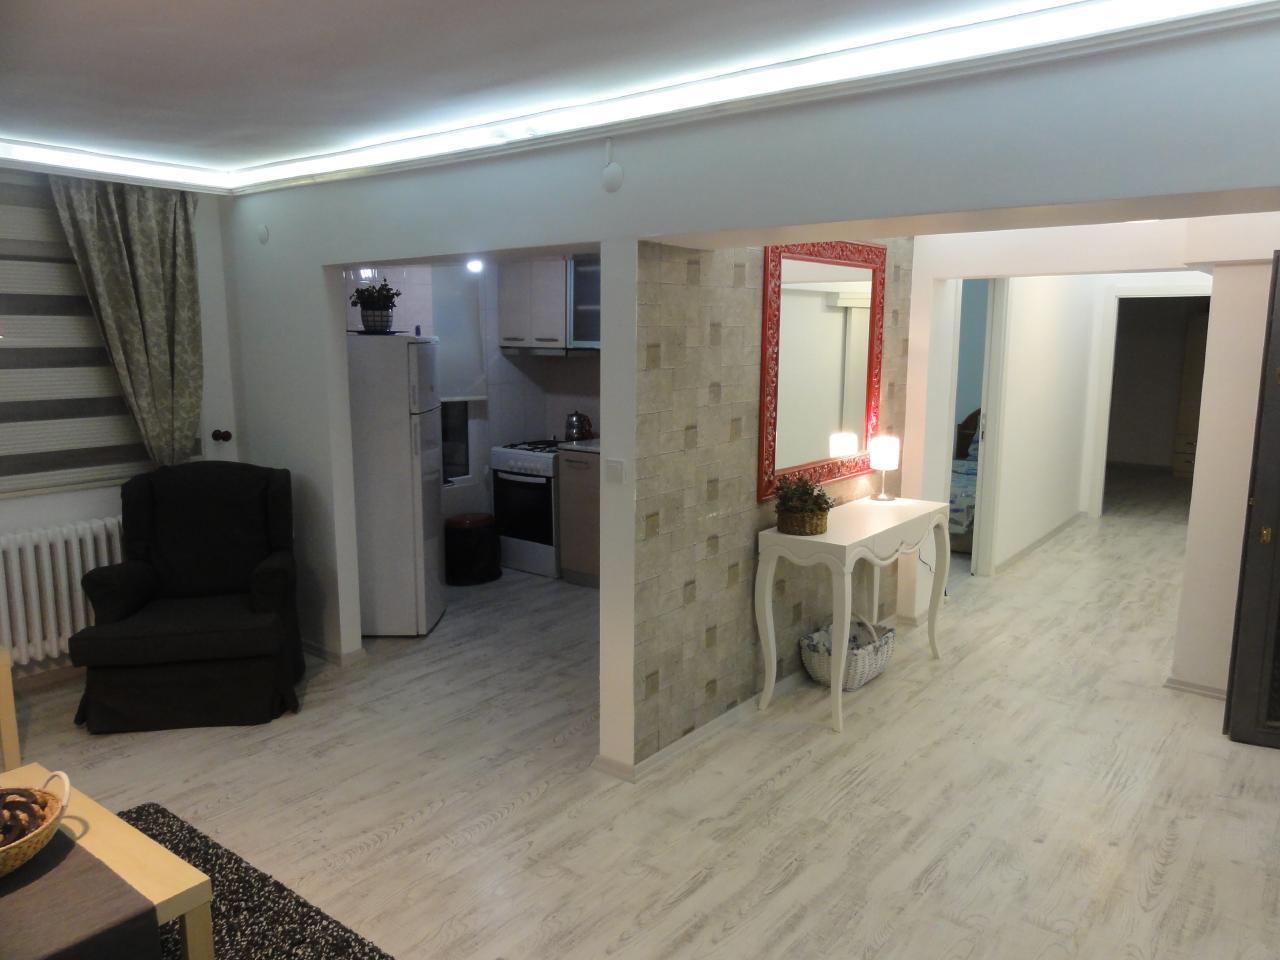 Ferienwohnung Evodak Apartment D 2A (1710500), Balgat, , Zentralanatolien, Türkei, Bild 5